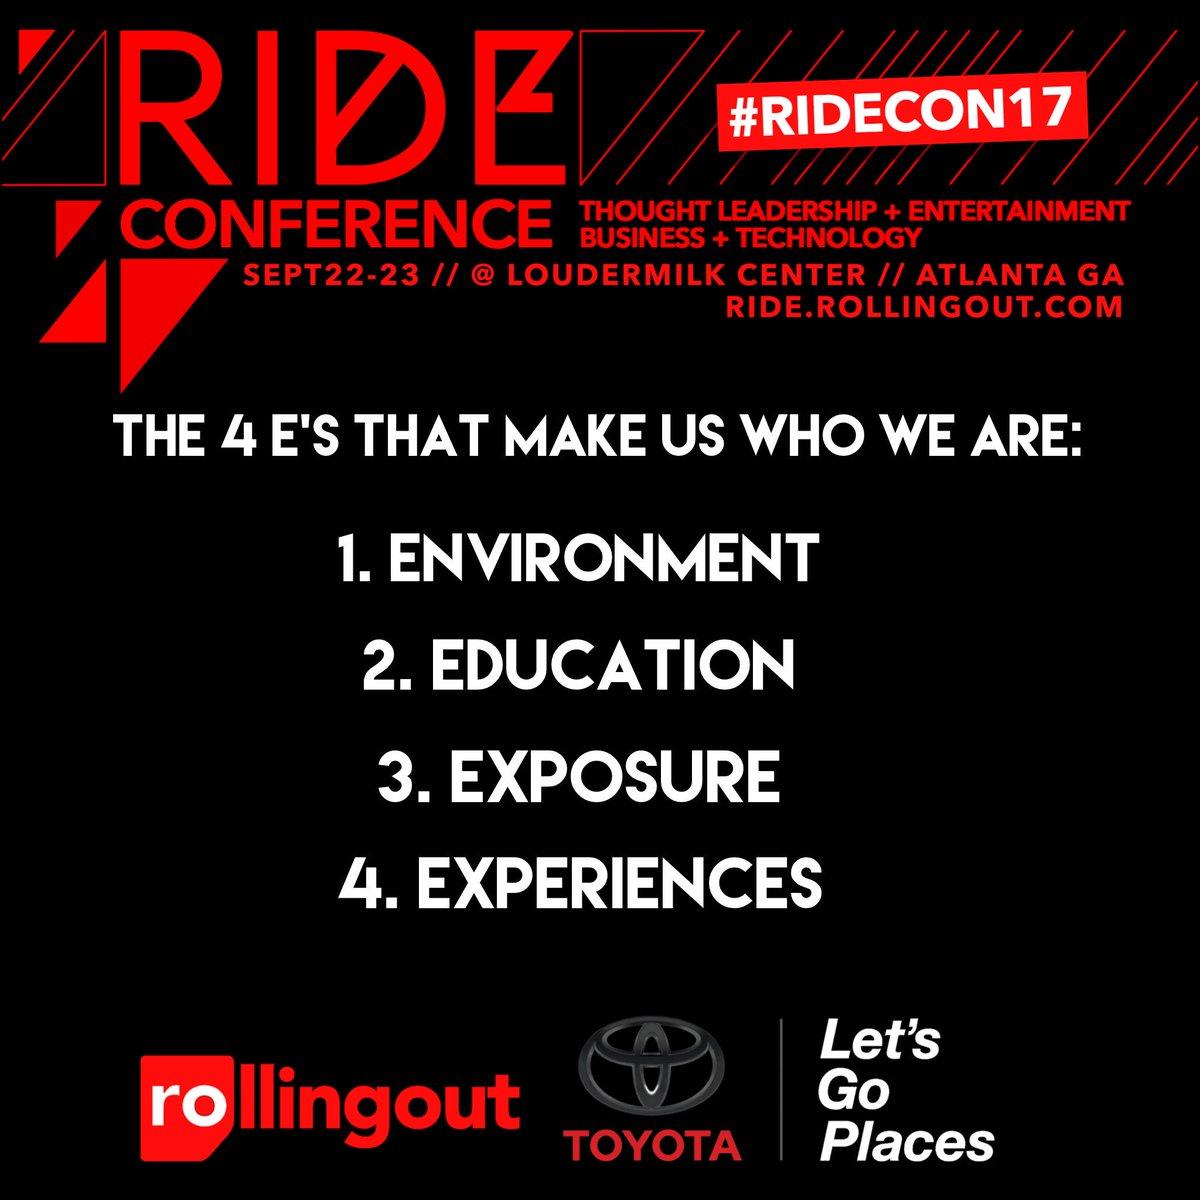 #RIDECon17